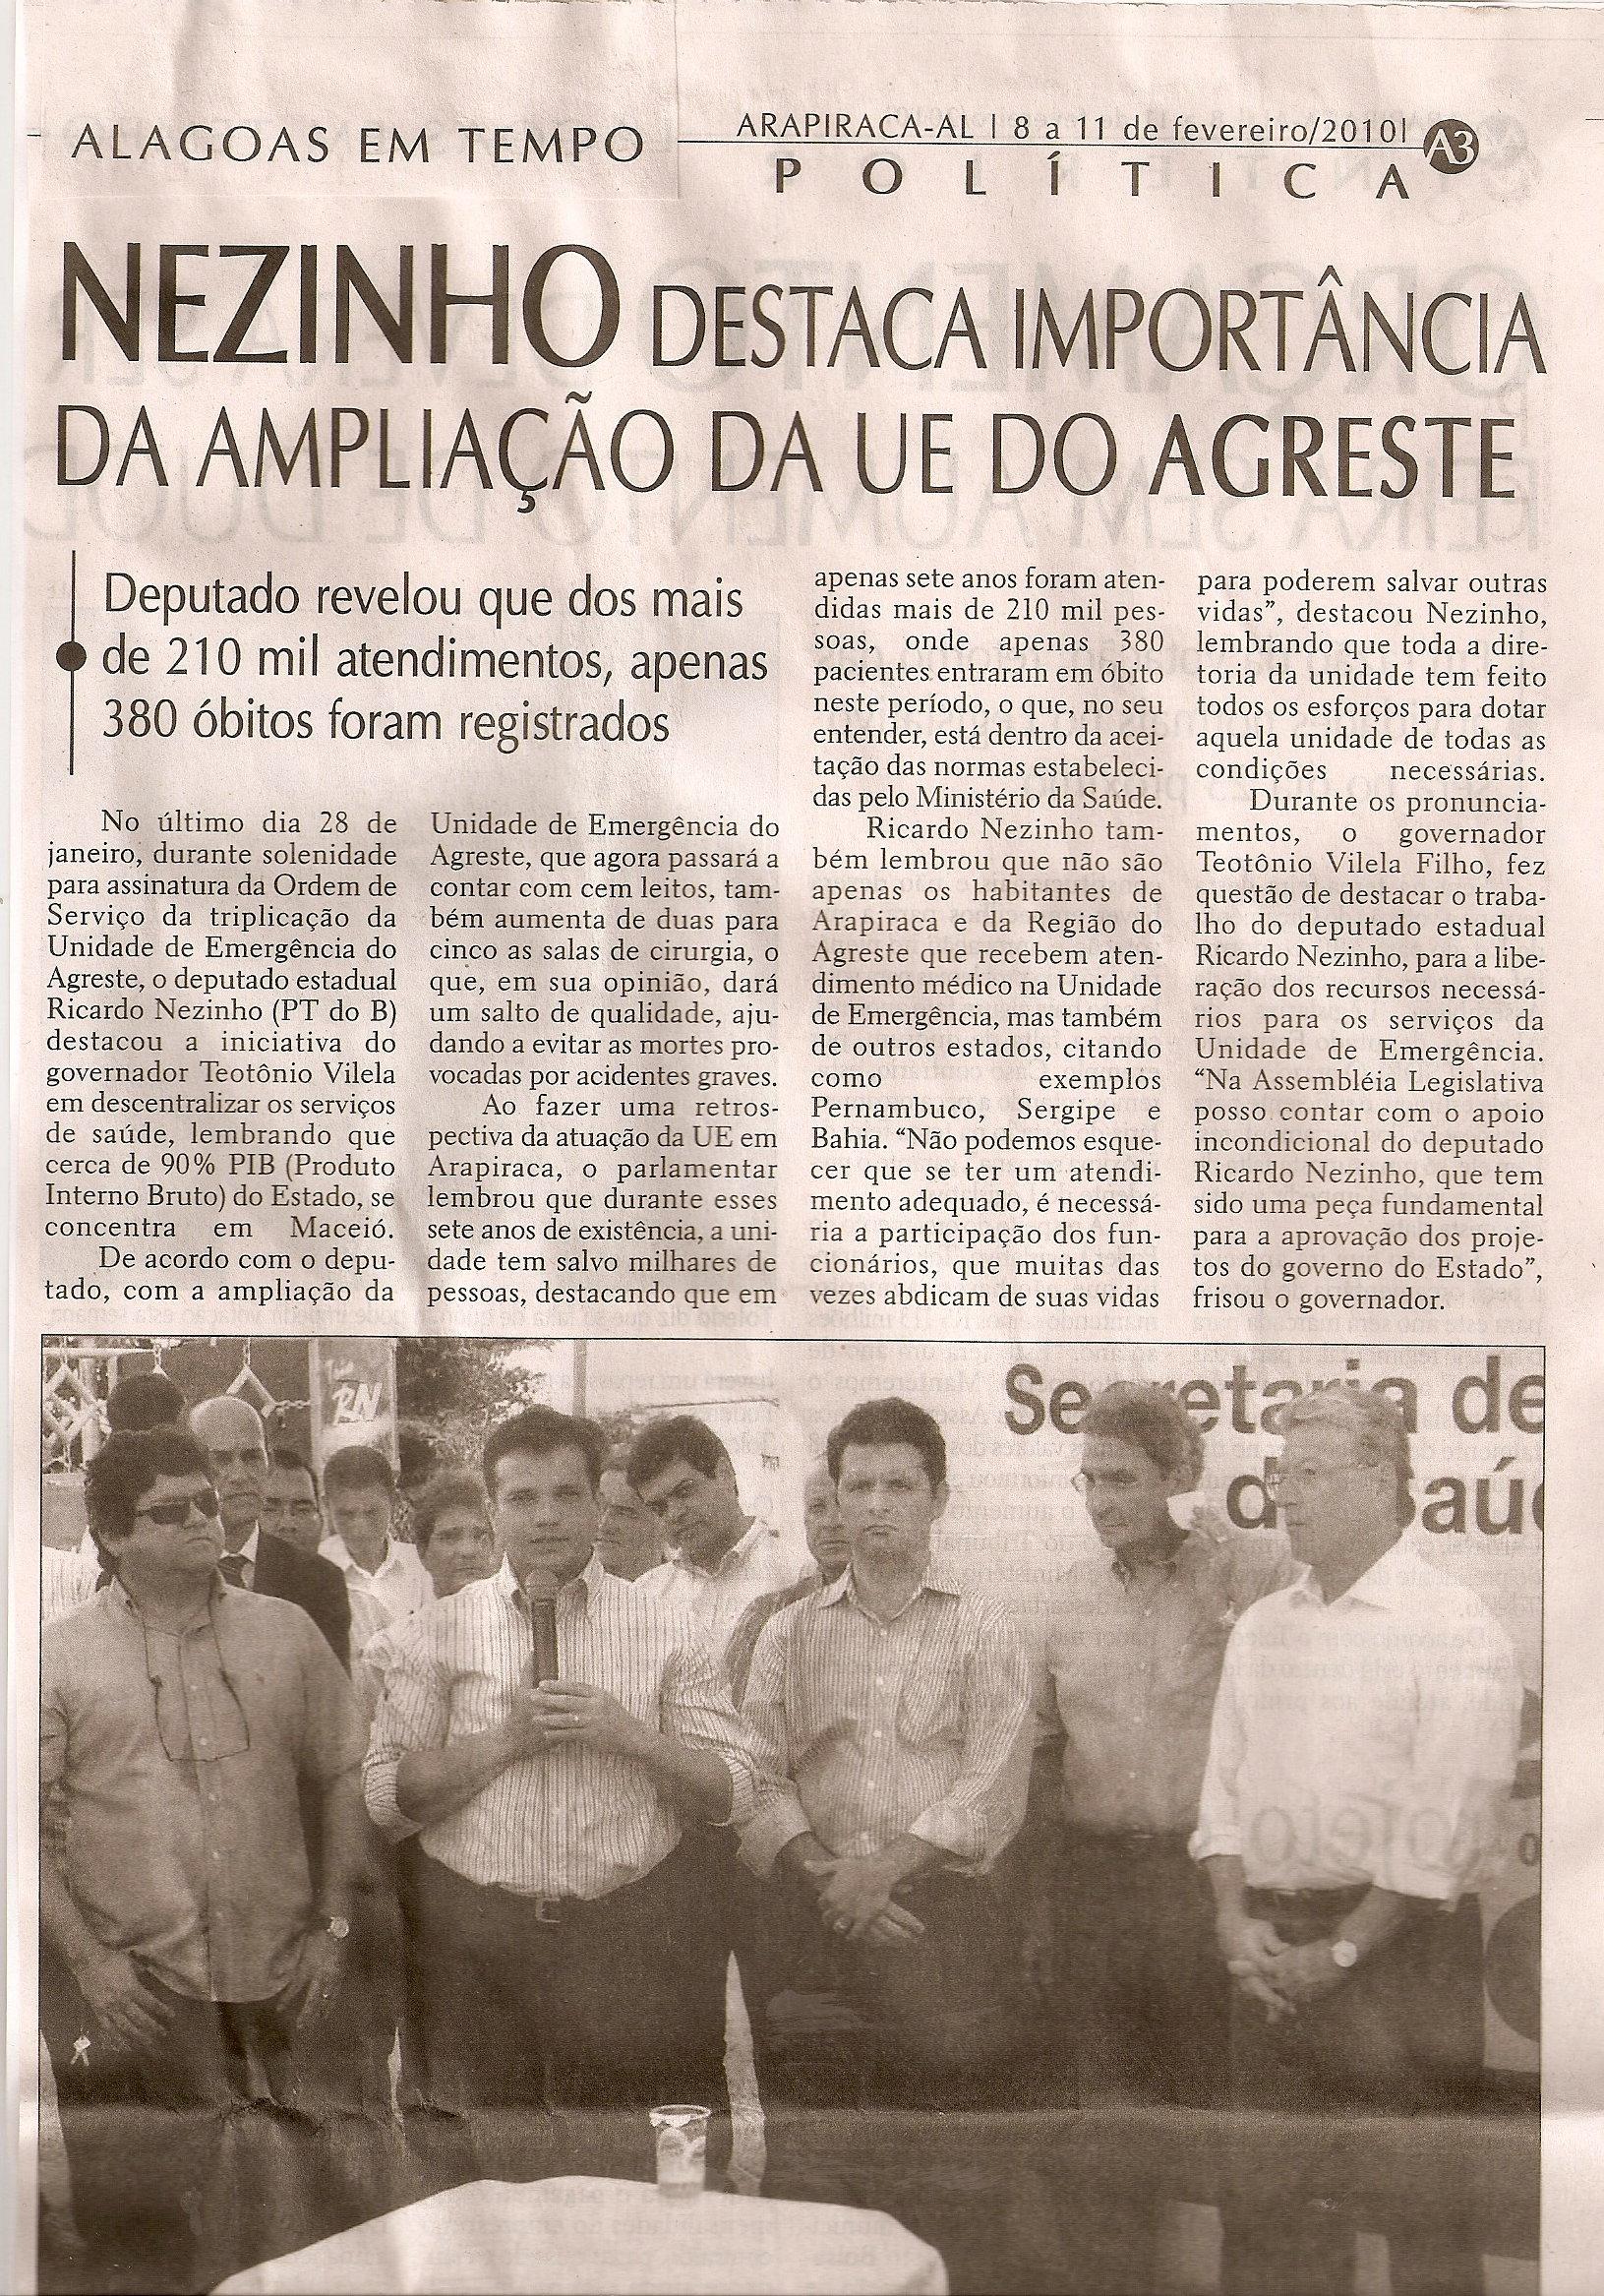 alagoas_em_tempo_11_02_2010